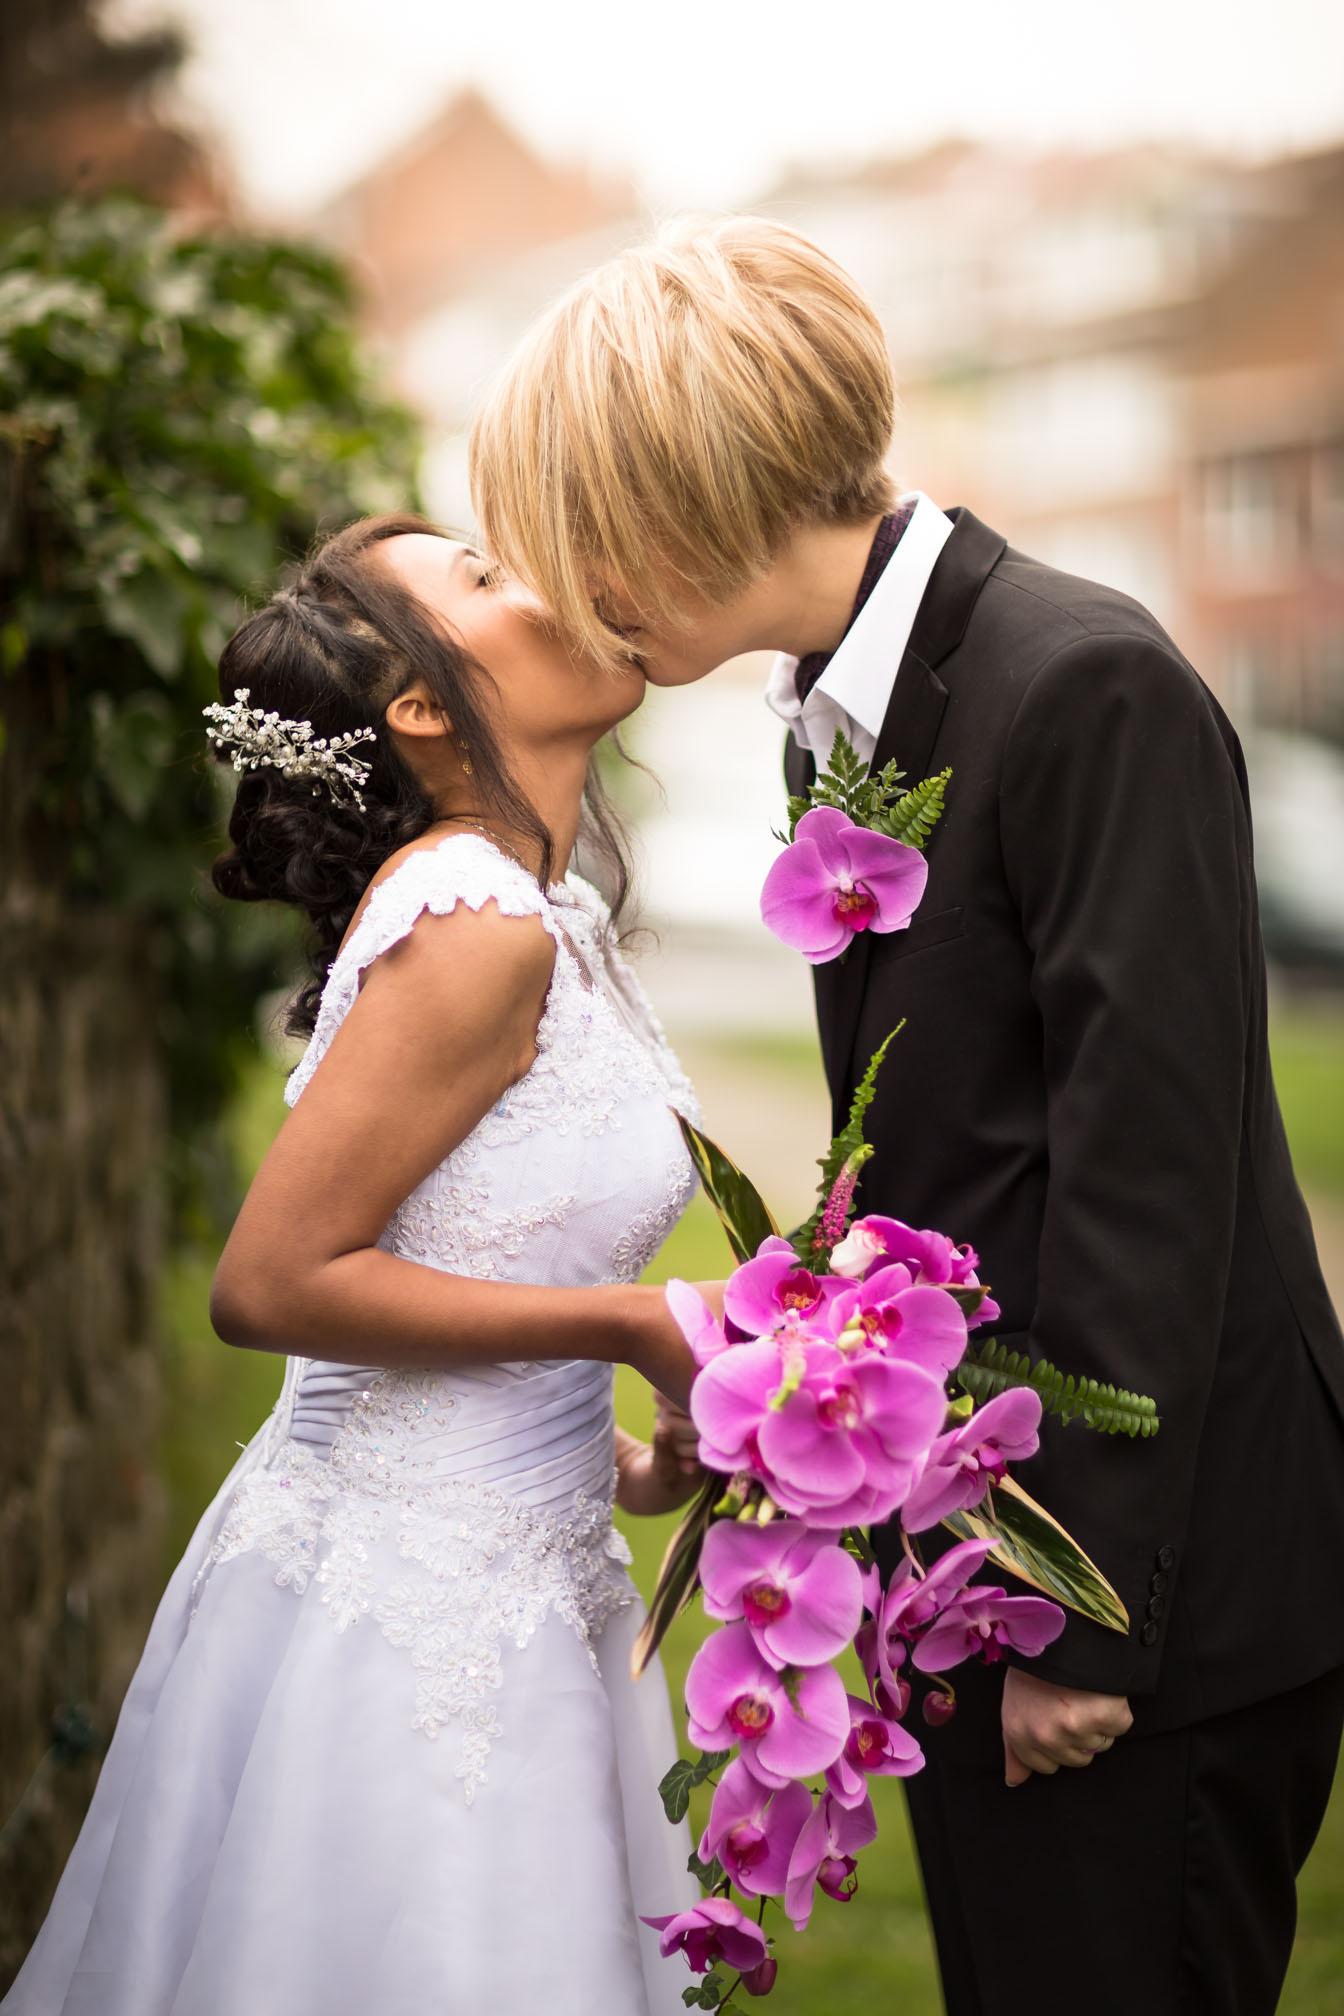 mariage-bisou.jpg